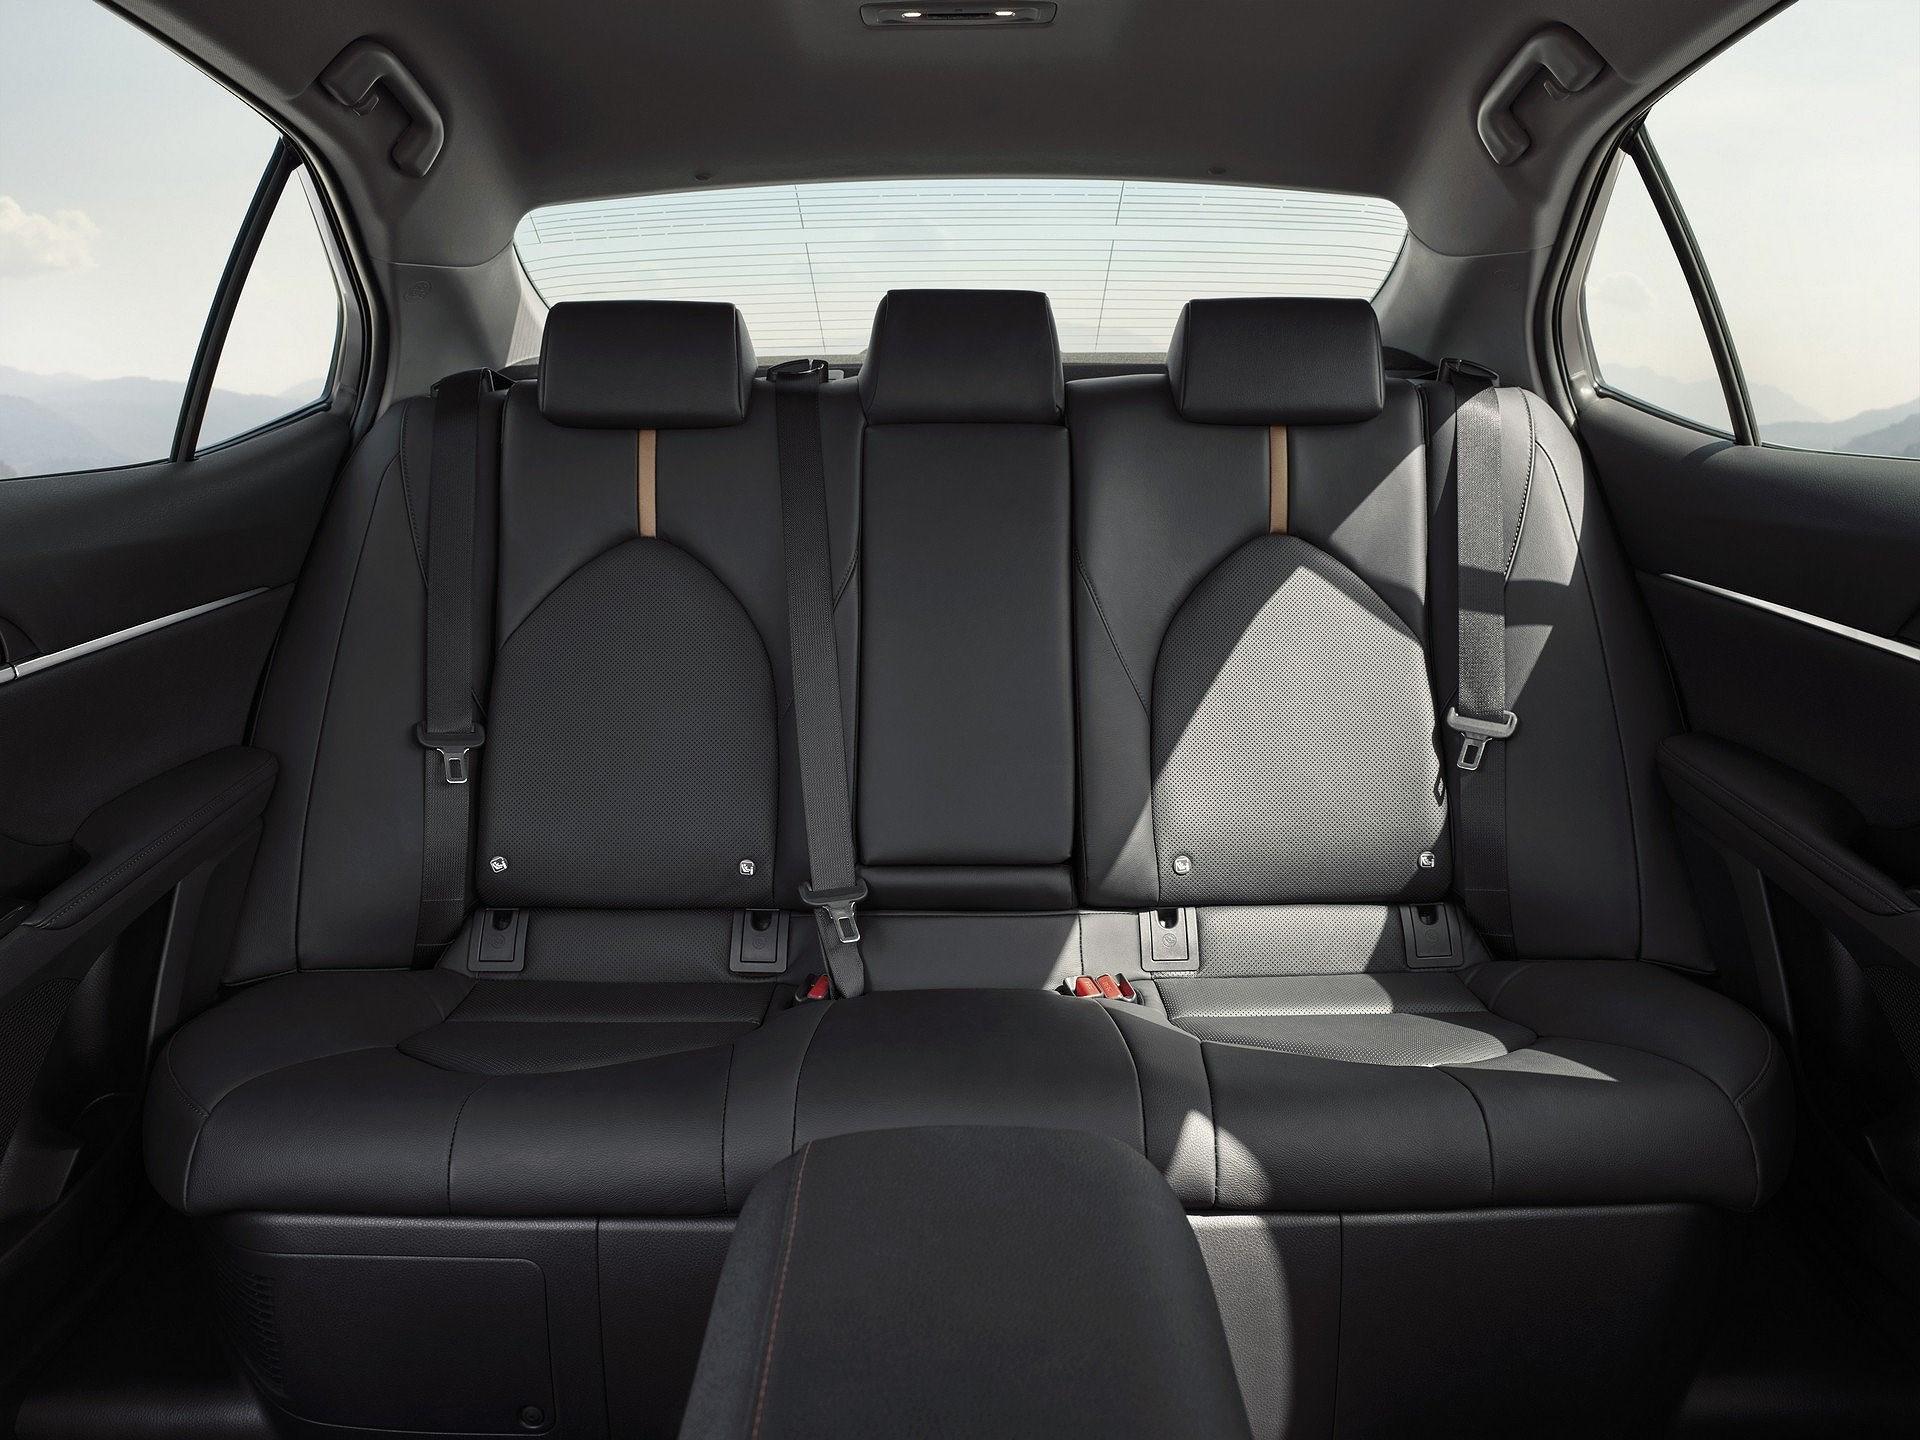 Toyota Camry Hybrid trở lại châu Âu sau 14 năm vắng bóng Ảnh 9